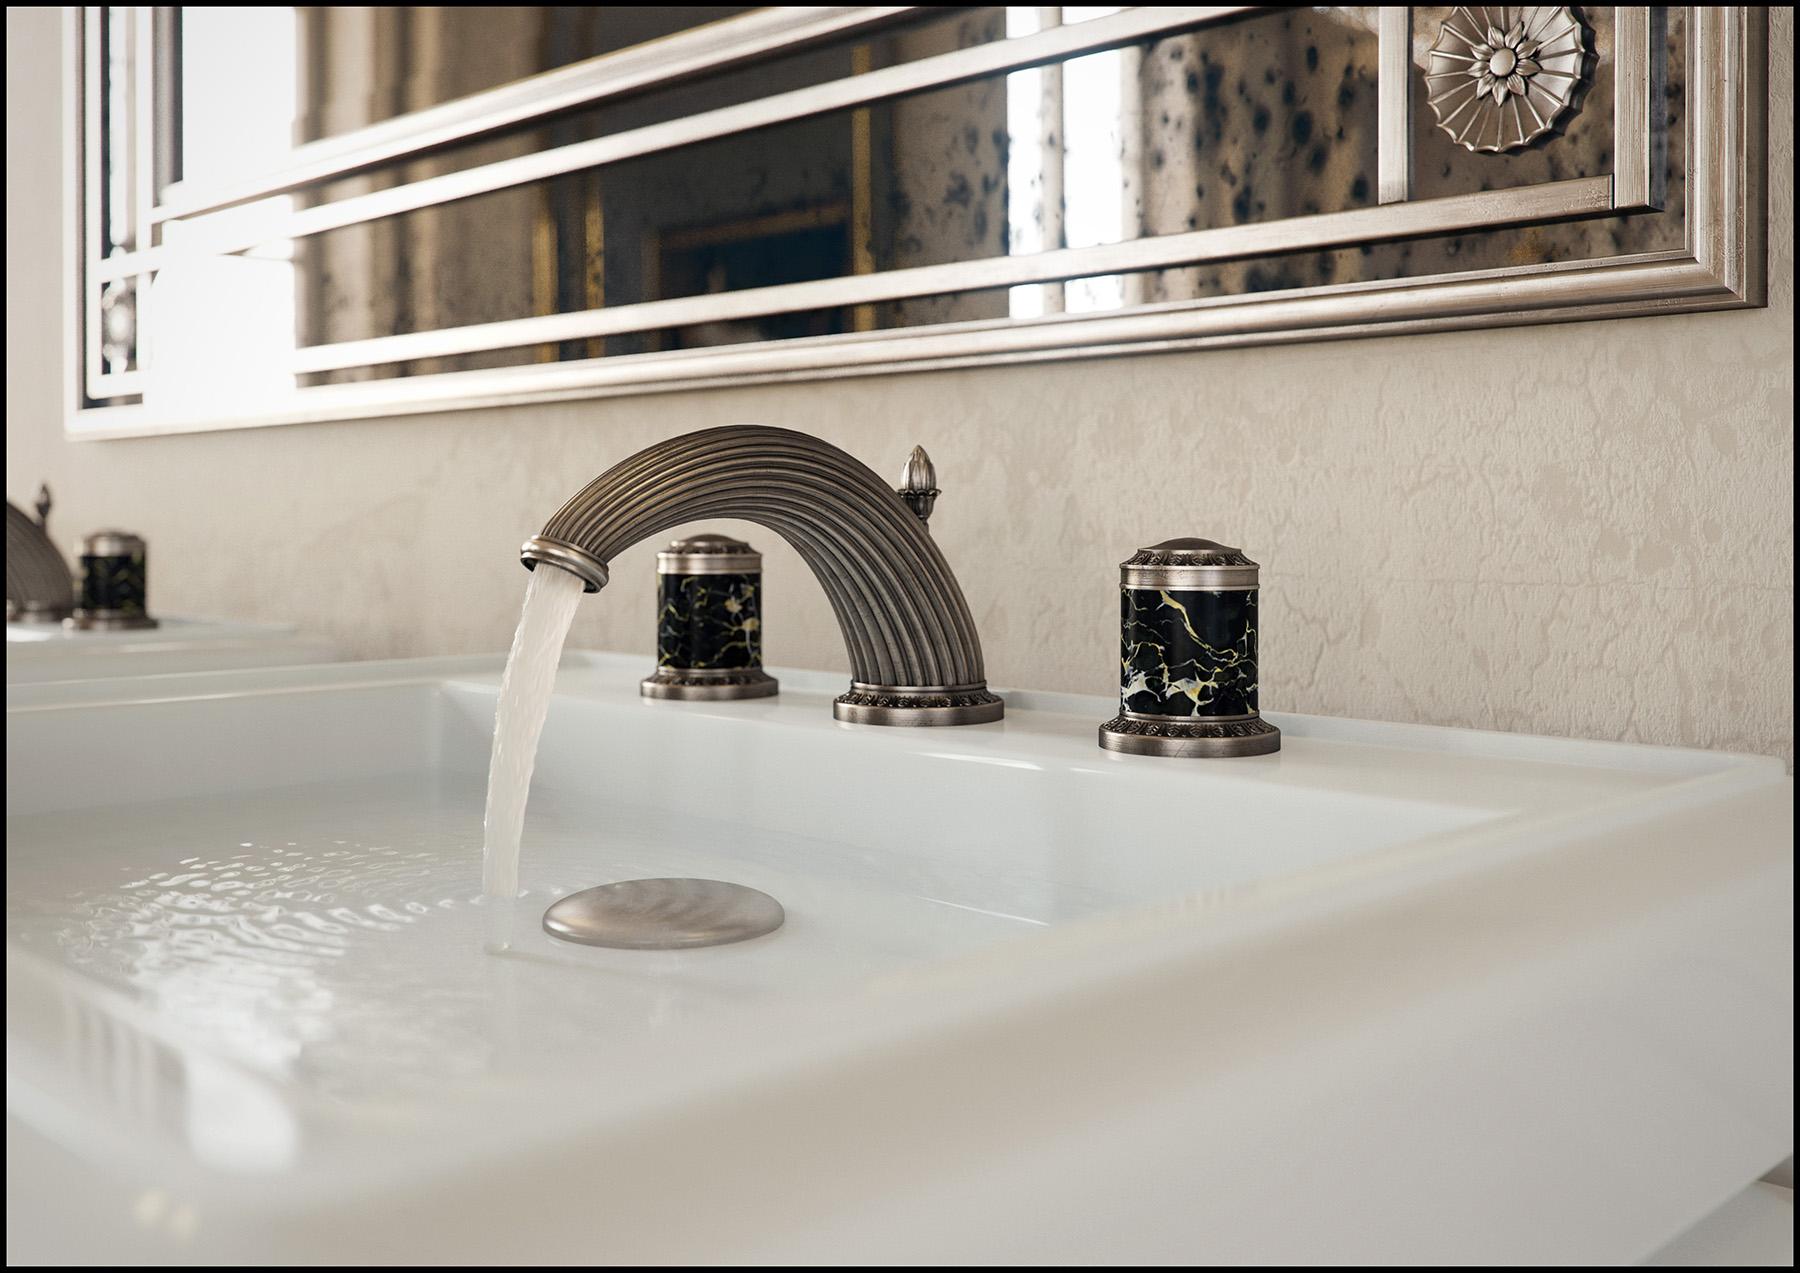 Transitional Malmaison Deck Mount Faucet